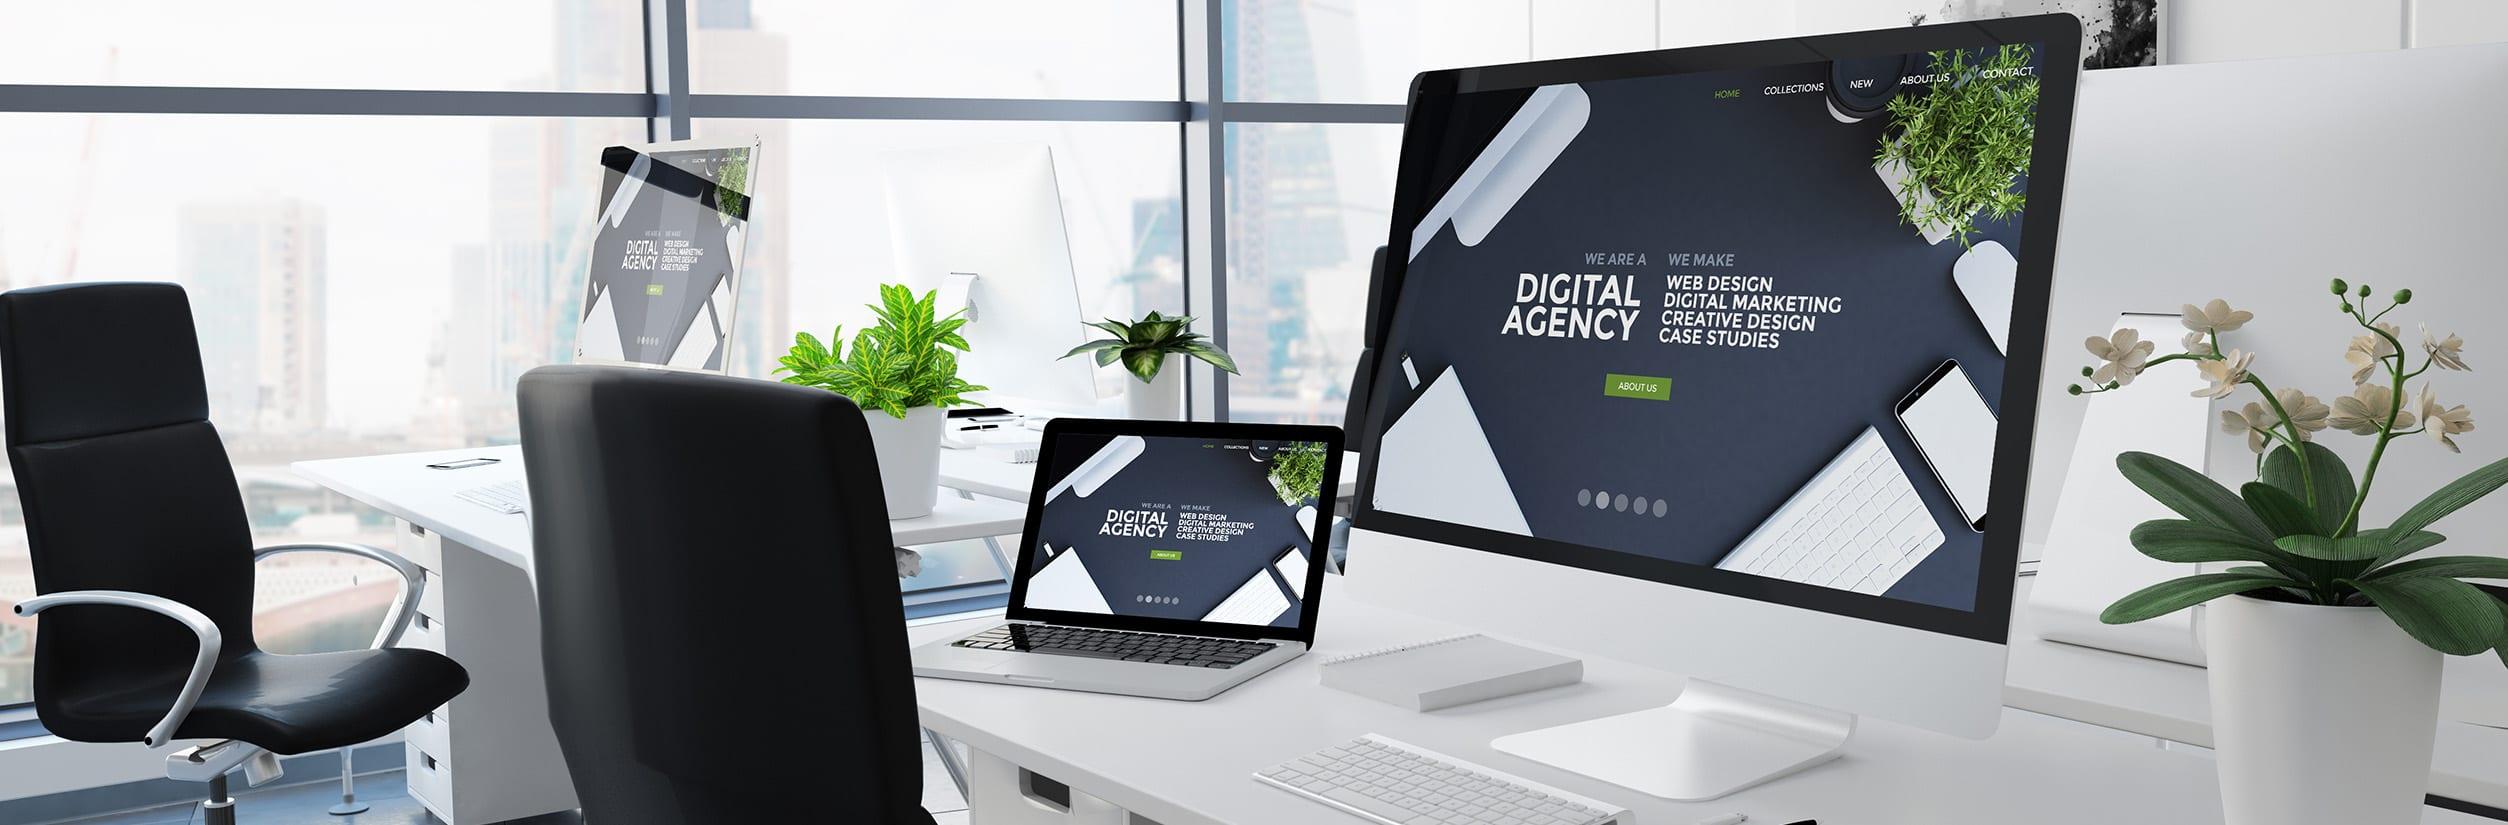 Website Design Boynton Beach